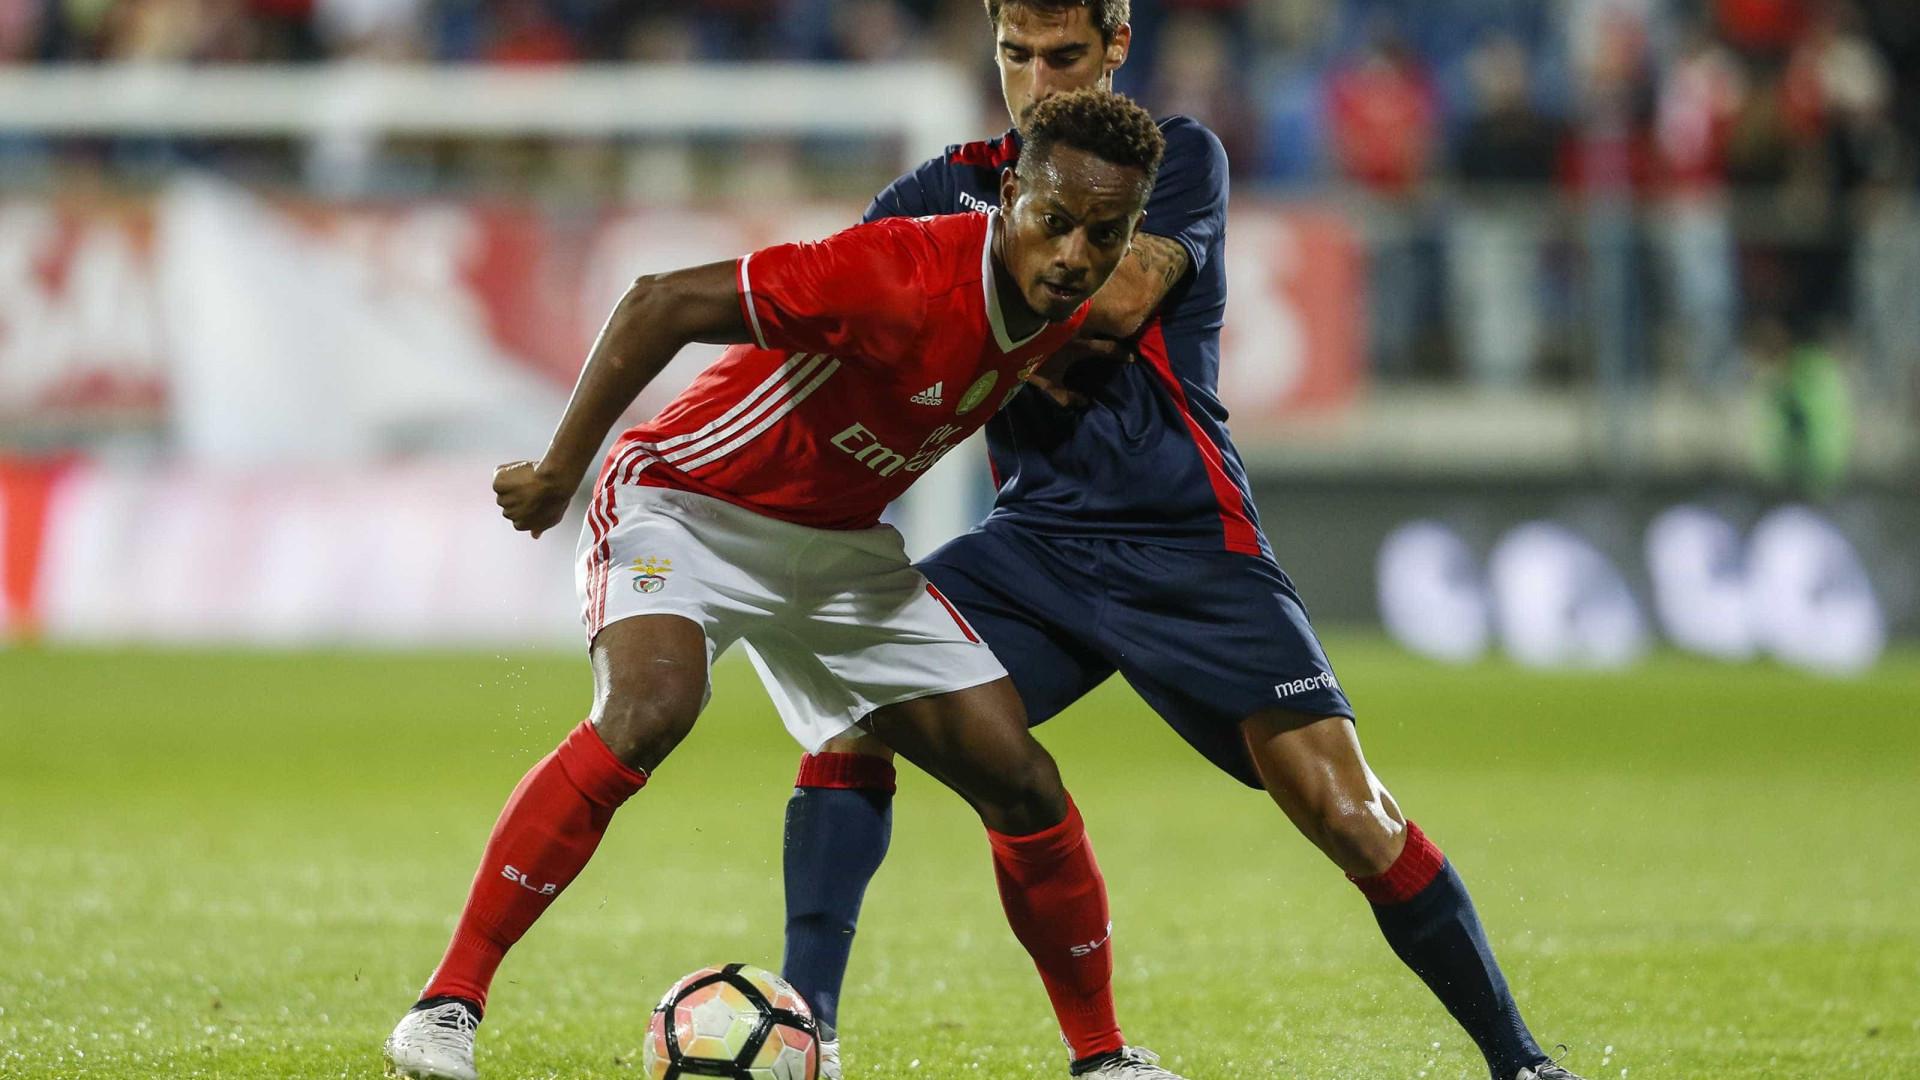 Carrillo custou ao Benfica mais de seis milhões de euros